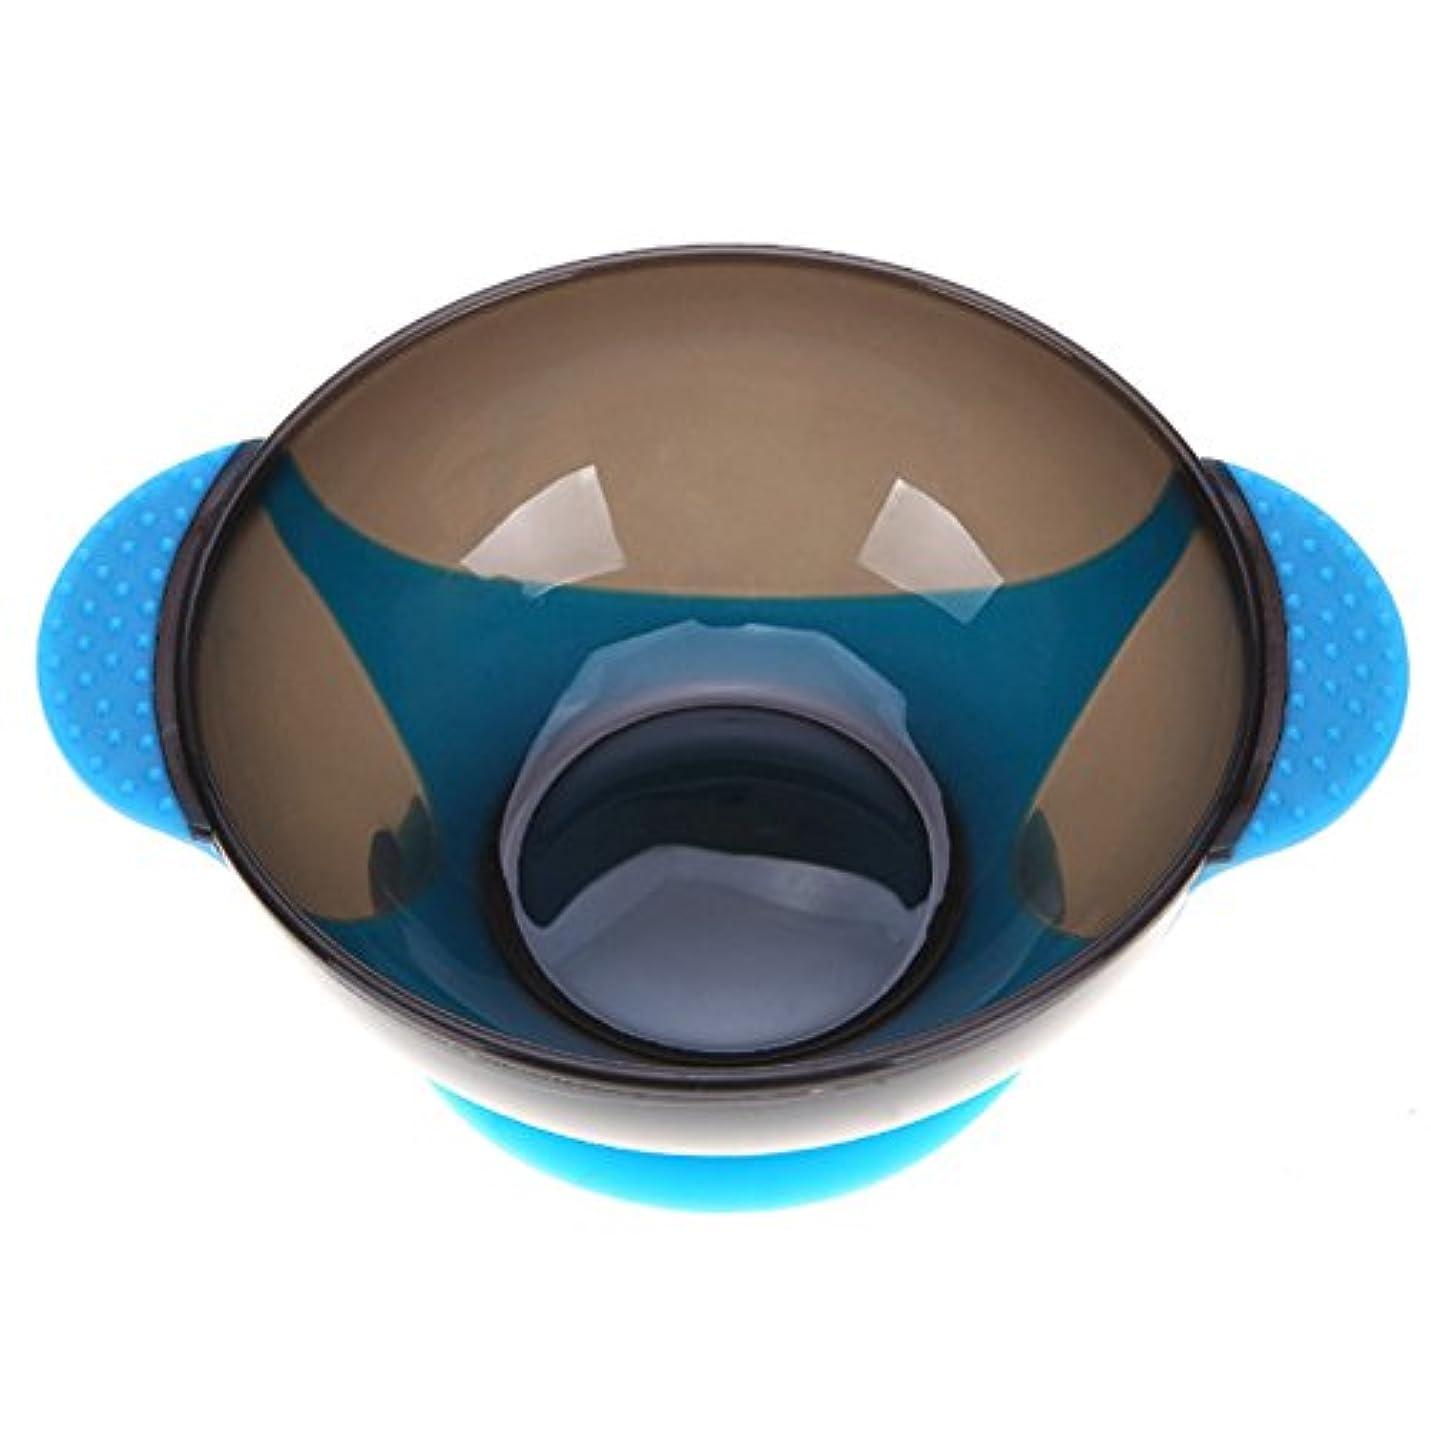 連結する枠乏しいTerGOOSE ヘアダイボウル ヘアカラー ヘアカラーカップ ボウル ミキサー 髪染め おしゃれ染め プロ サロン 美容 着色 ブルー